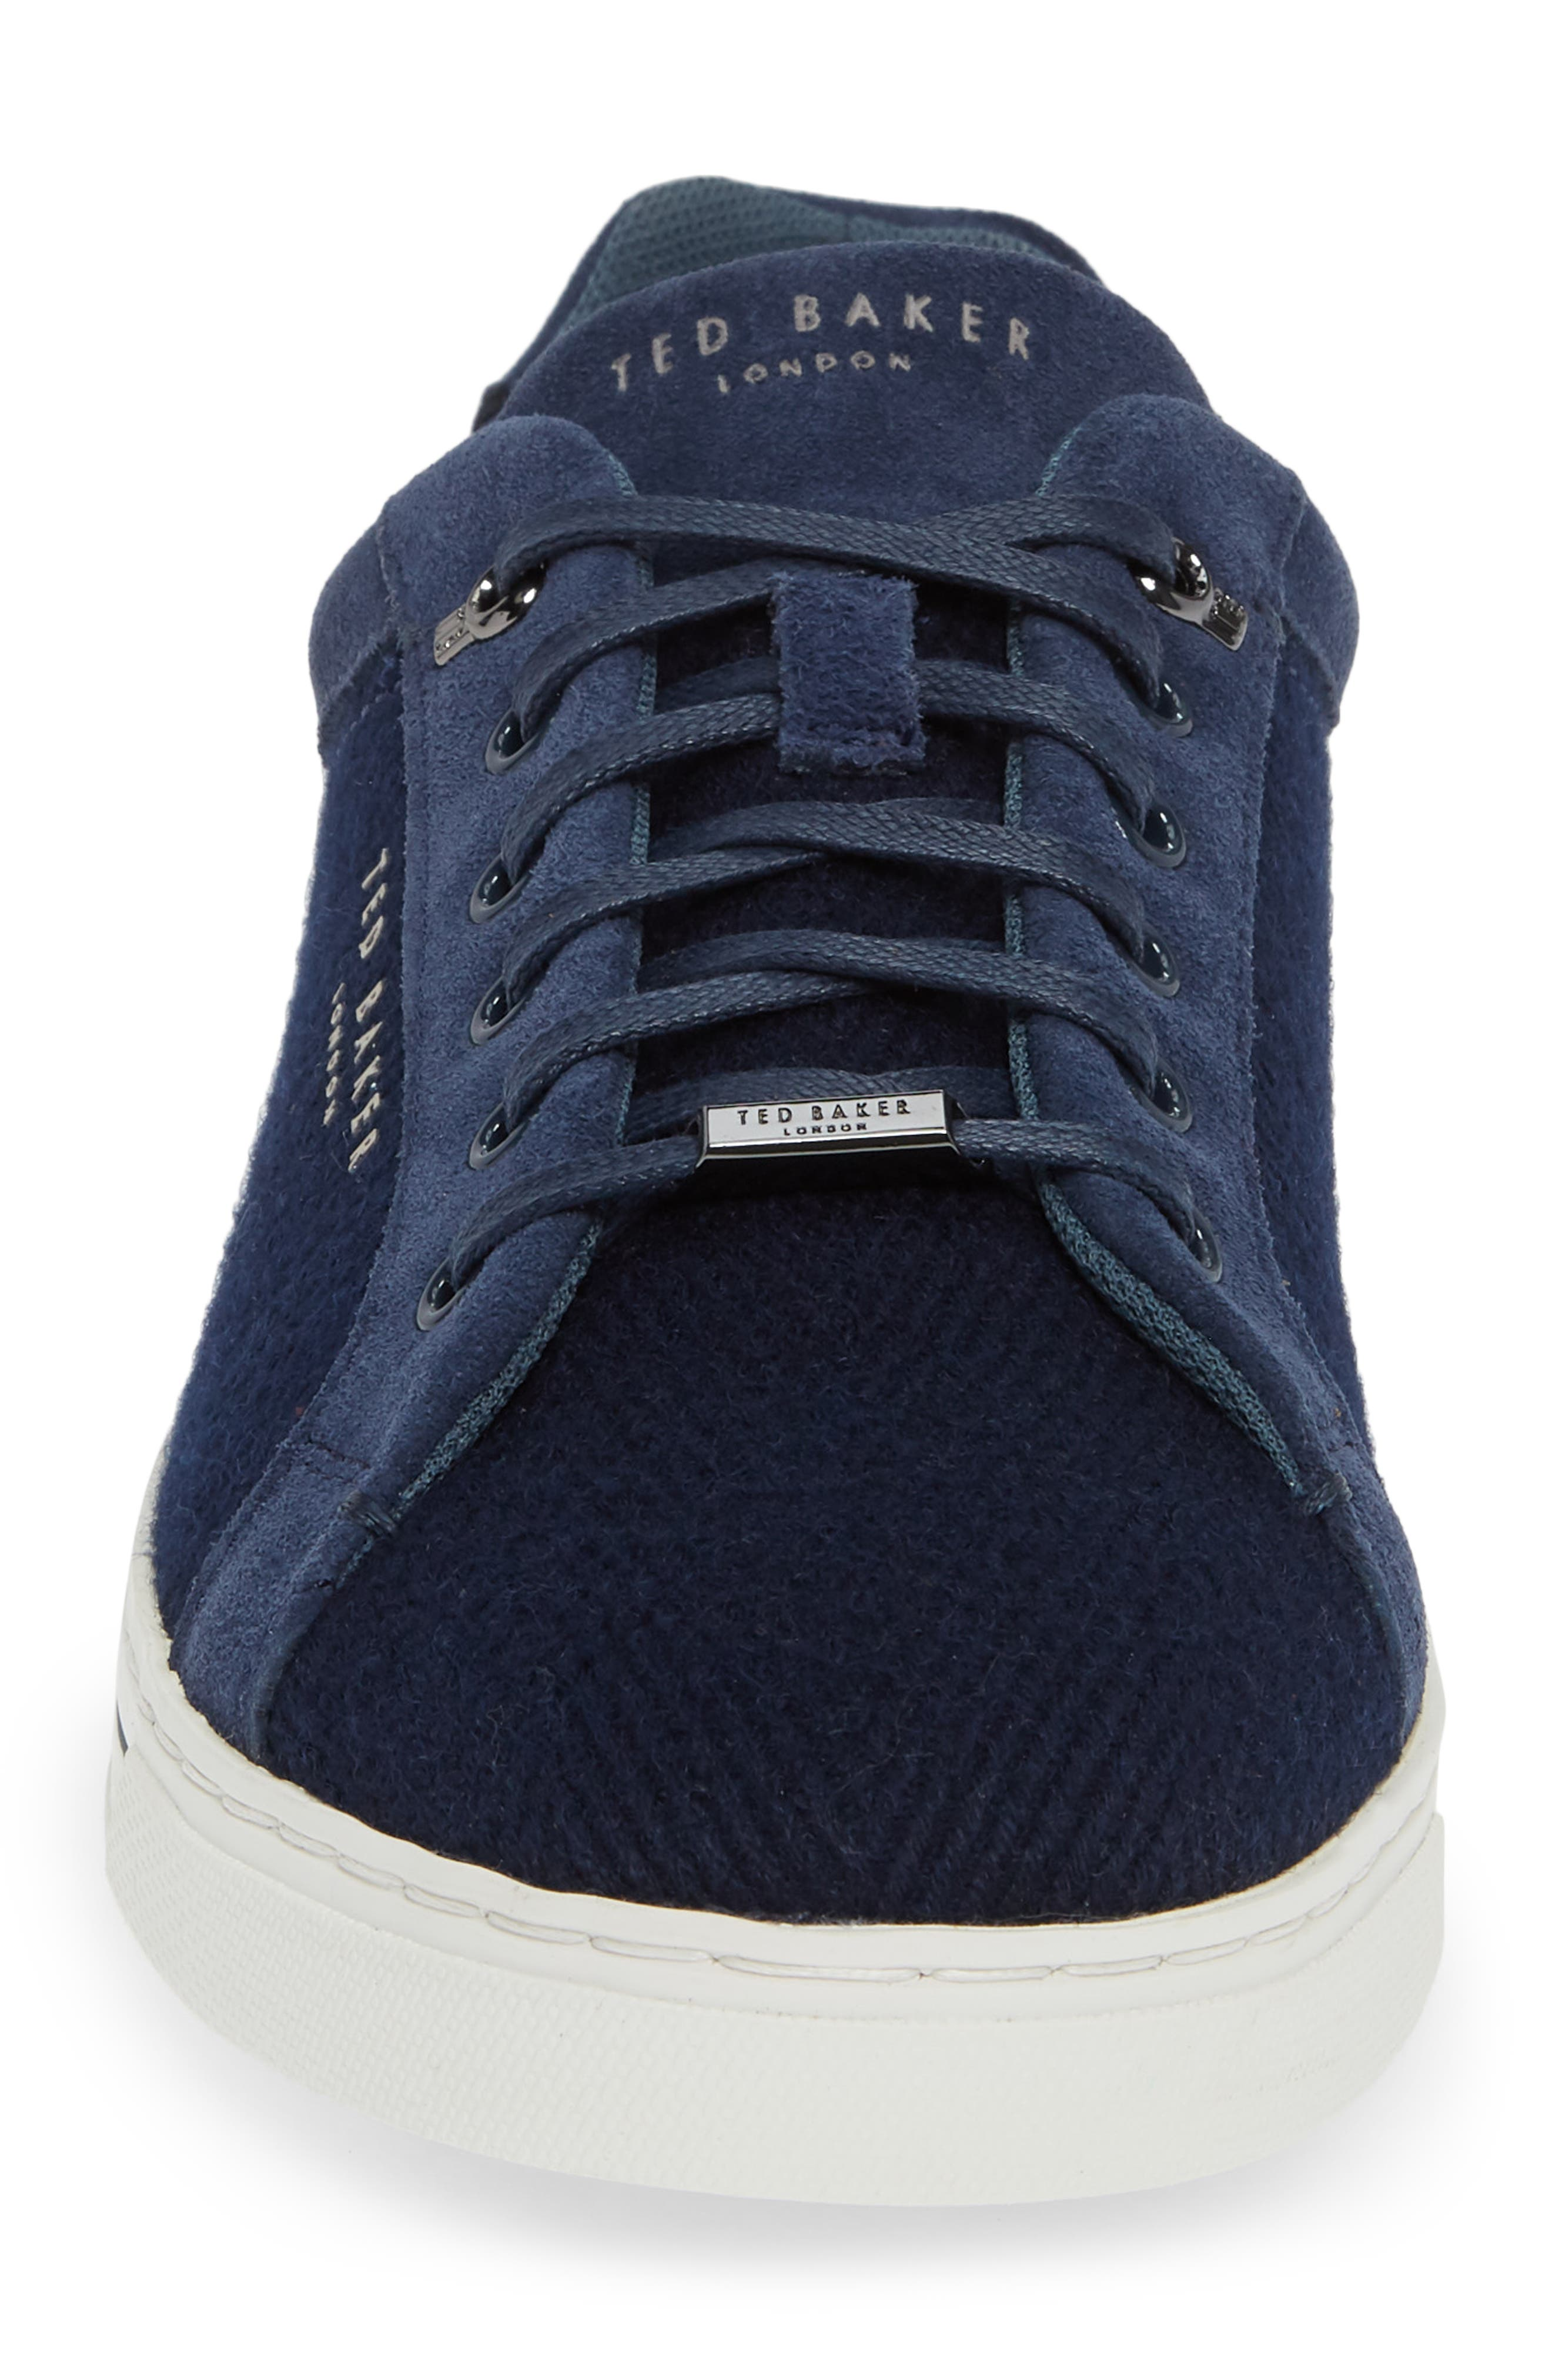 TED BAKER LONDON, Werill Sneaker, Alternate thumbnail 4, color, DARK BLUE WOOL